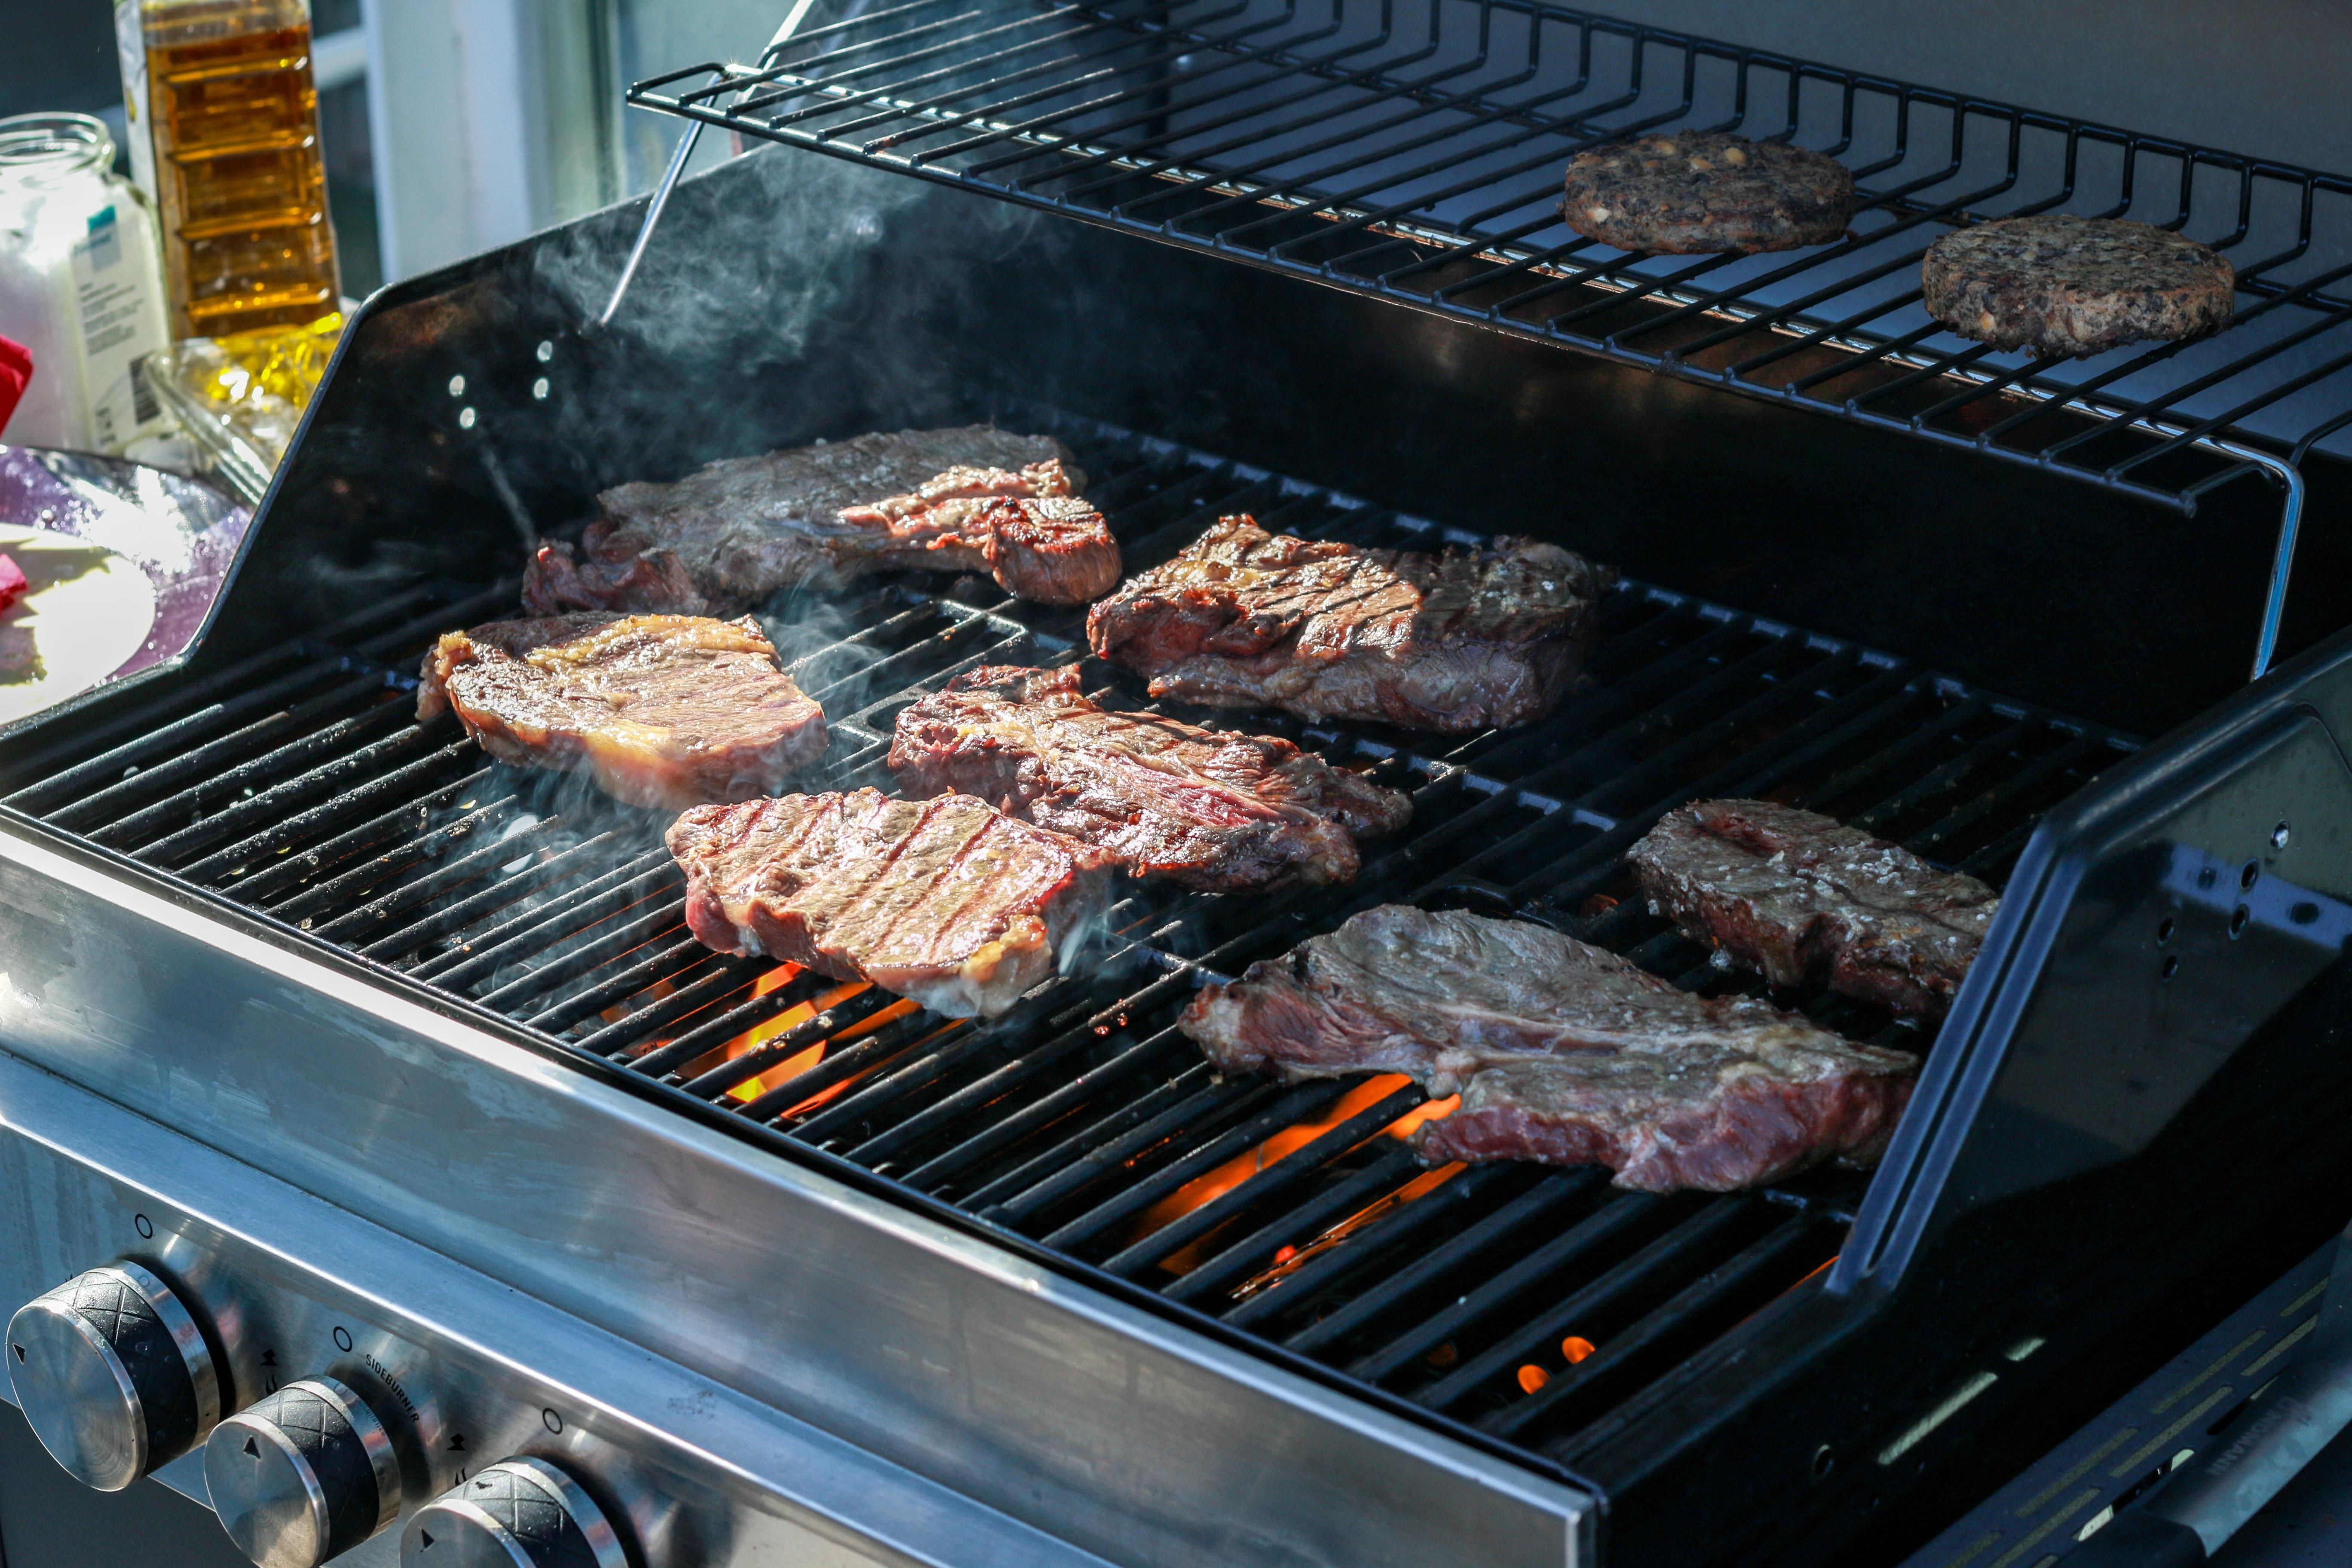 Musim Panas Hidangan Makan Makanan Memasak Bbq Barbeque Daging Panggang Masakan Panggangan Gas Pembakaran Memanggang Grill